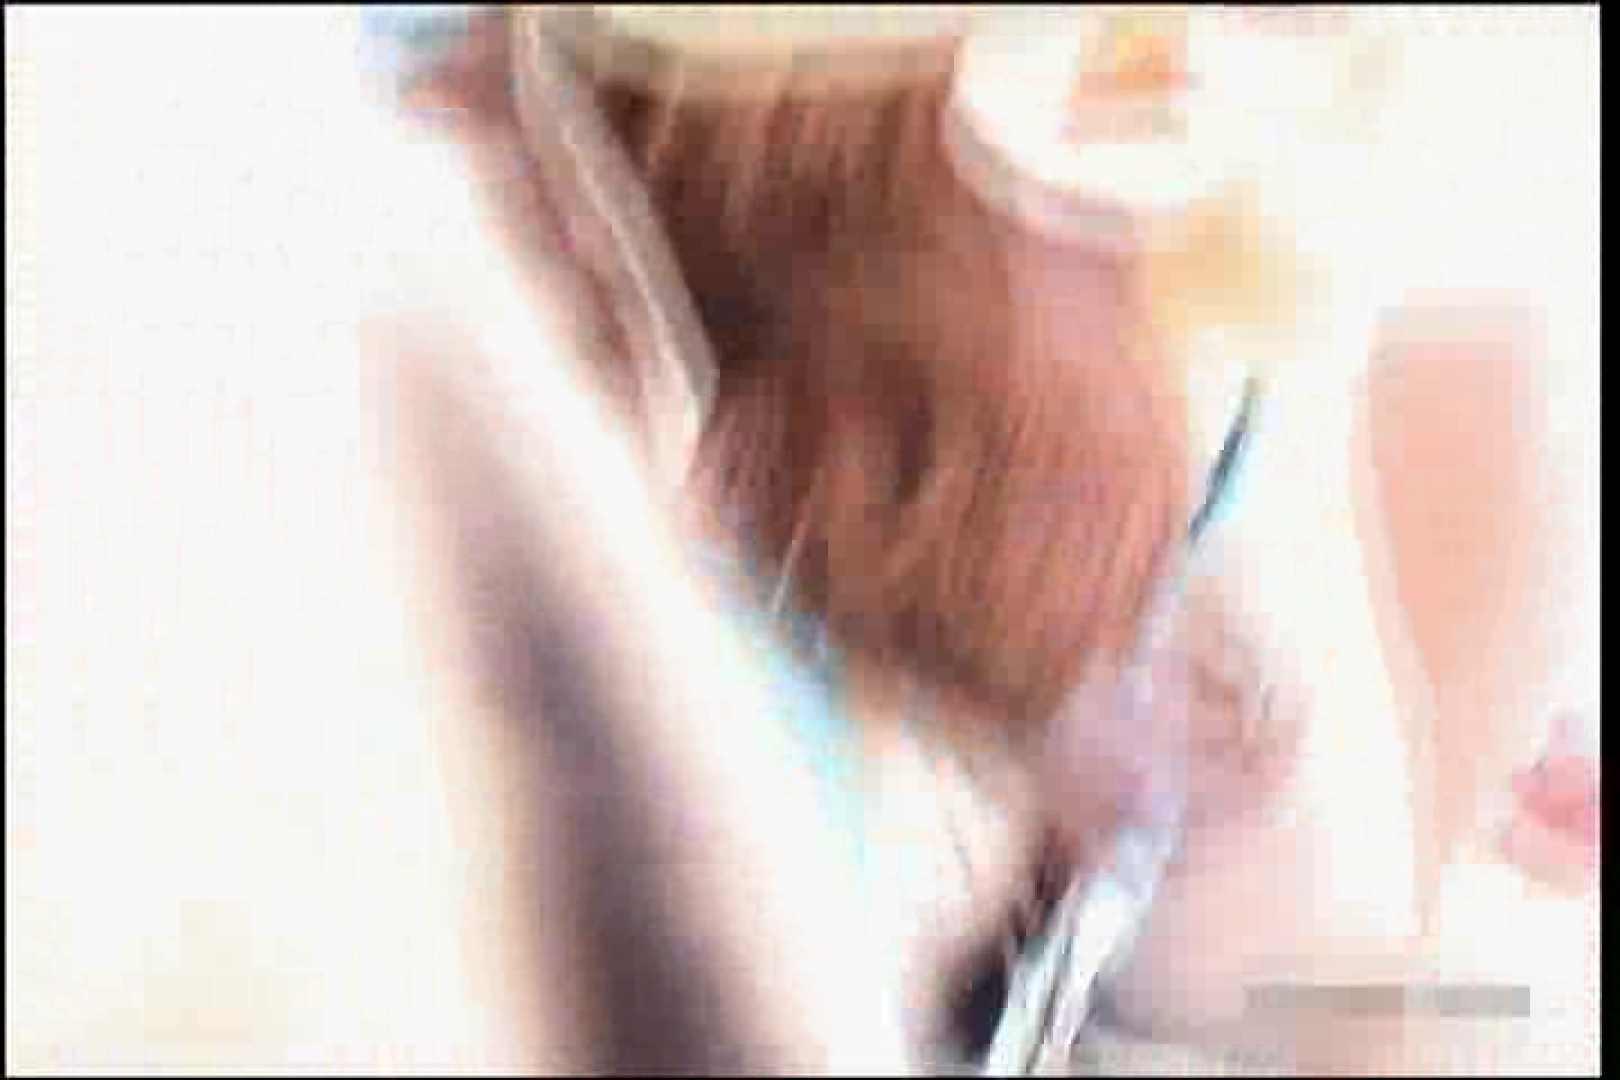 わくわく乳首探訪Vol.7 ギャルのエロ動画 女性器鑑賞 83画像 58